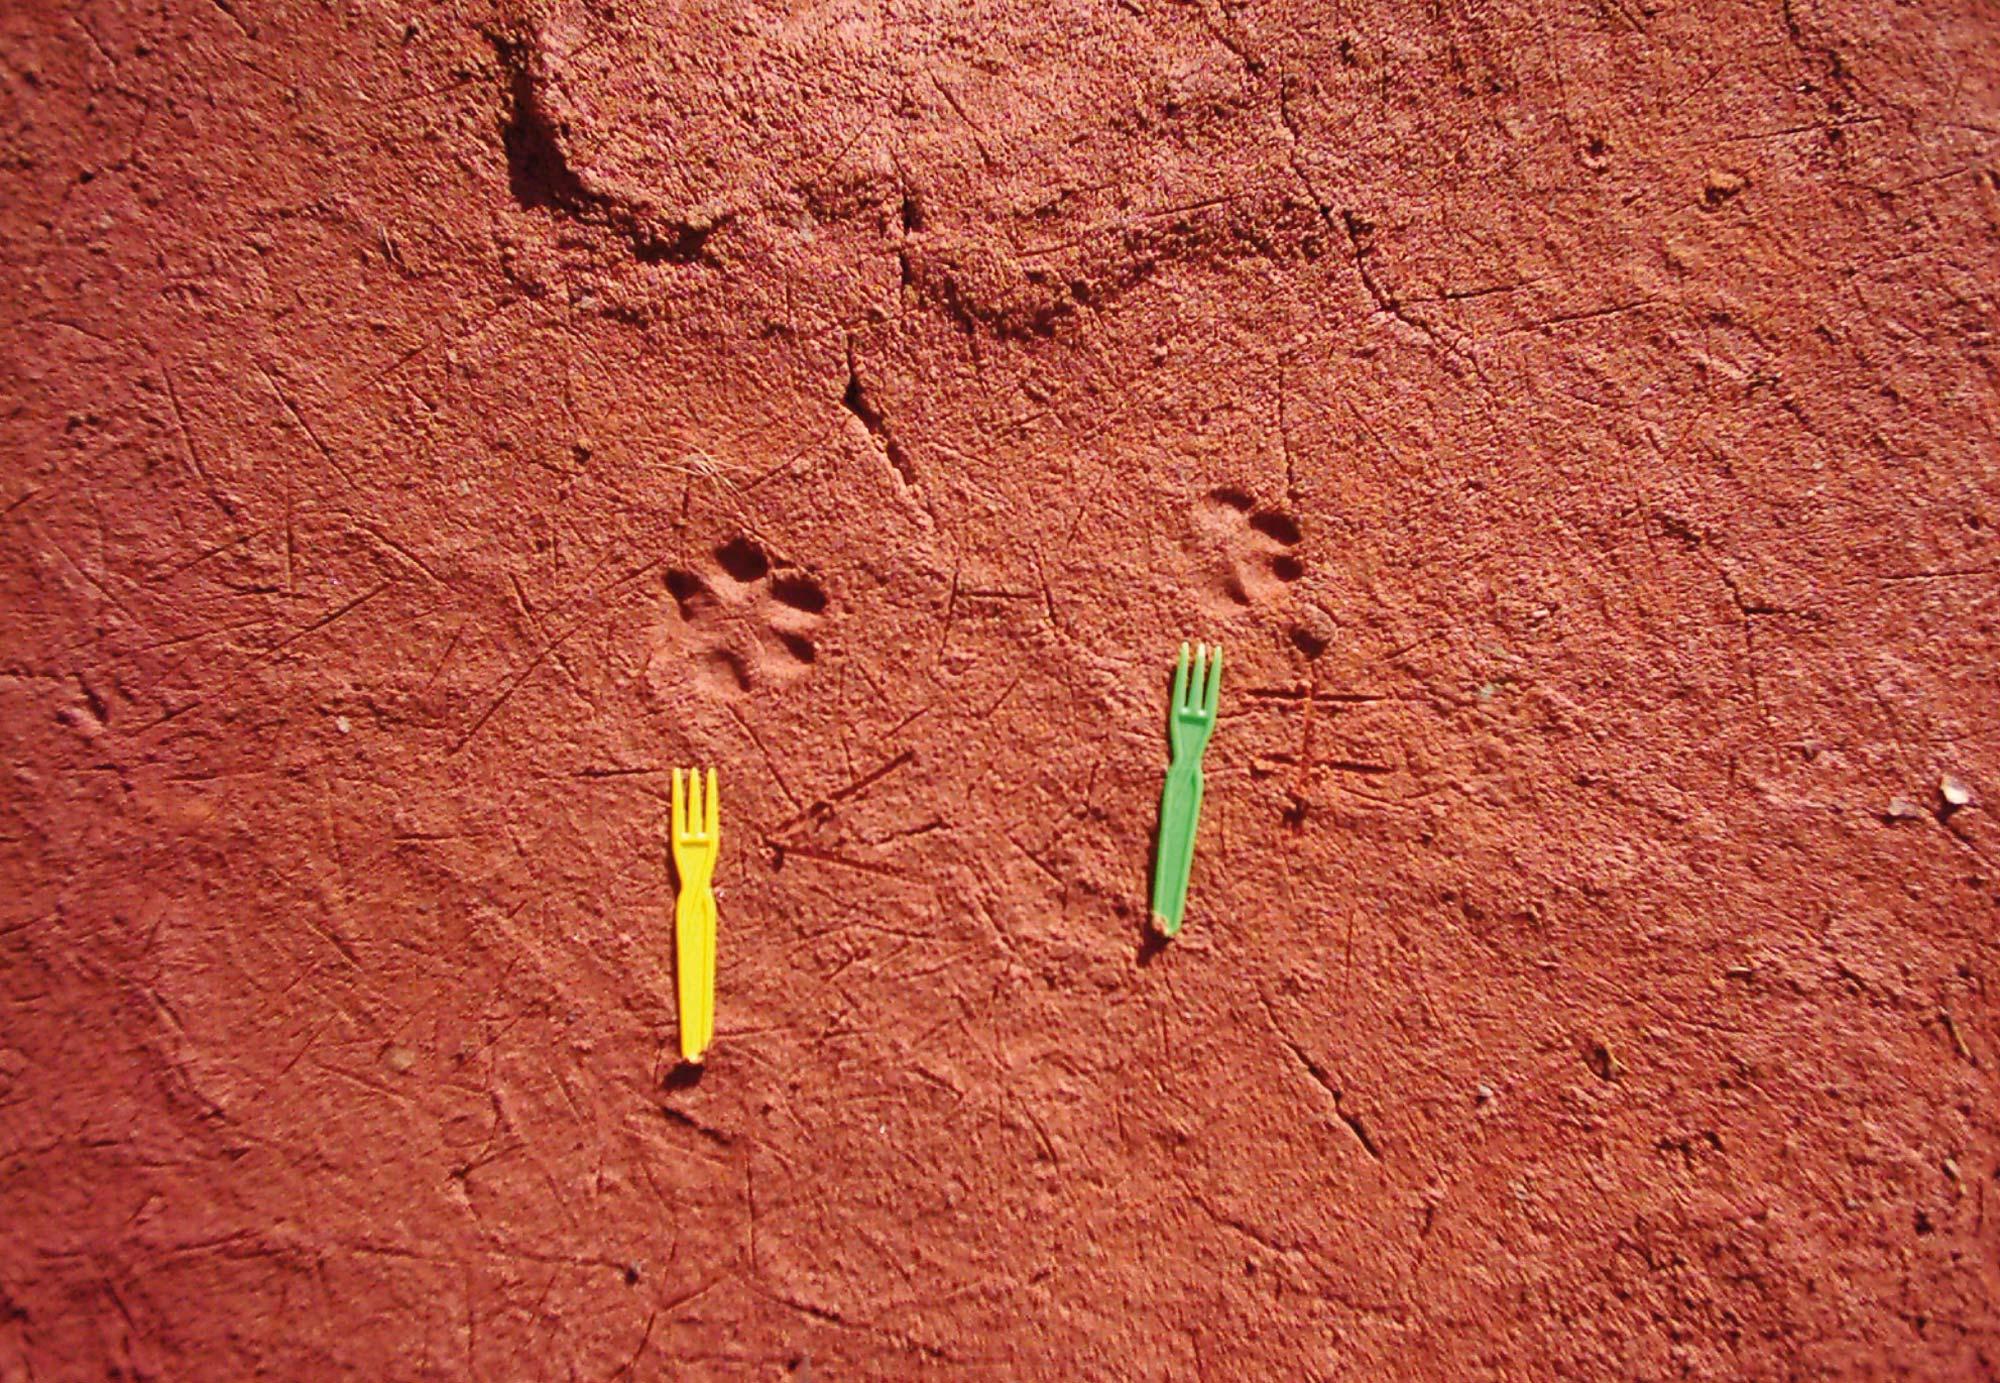 Frittengabeln können helfen, den Abstand von Trittsiegeln klar zu erkennen © Archiv Uwe Belz